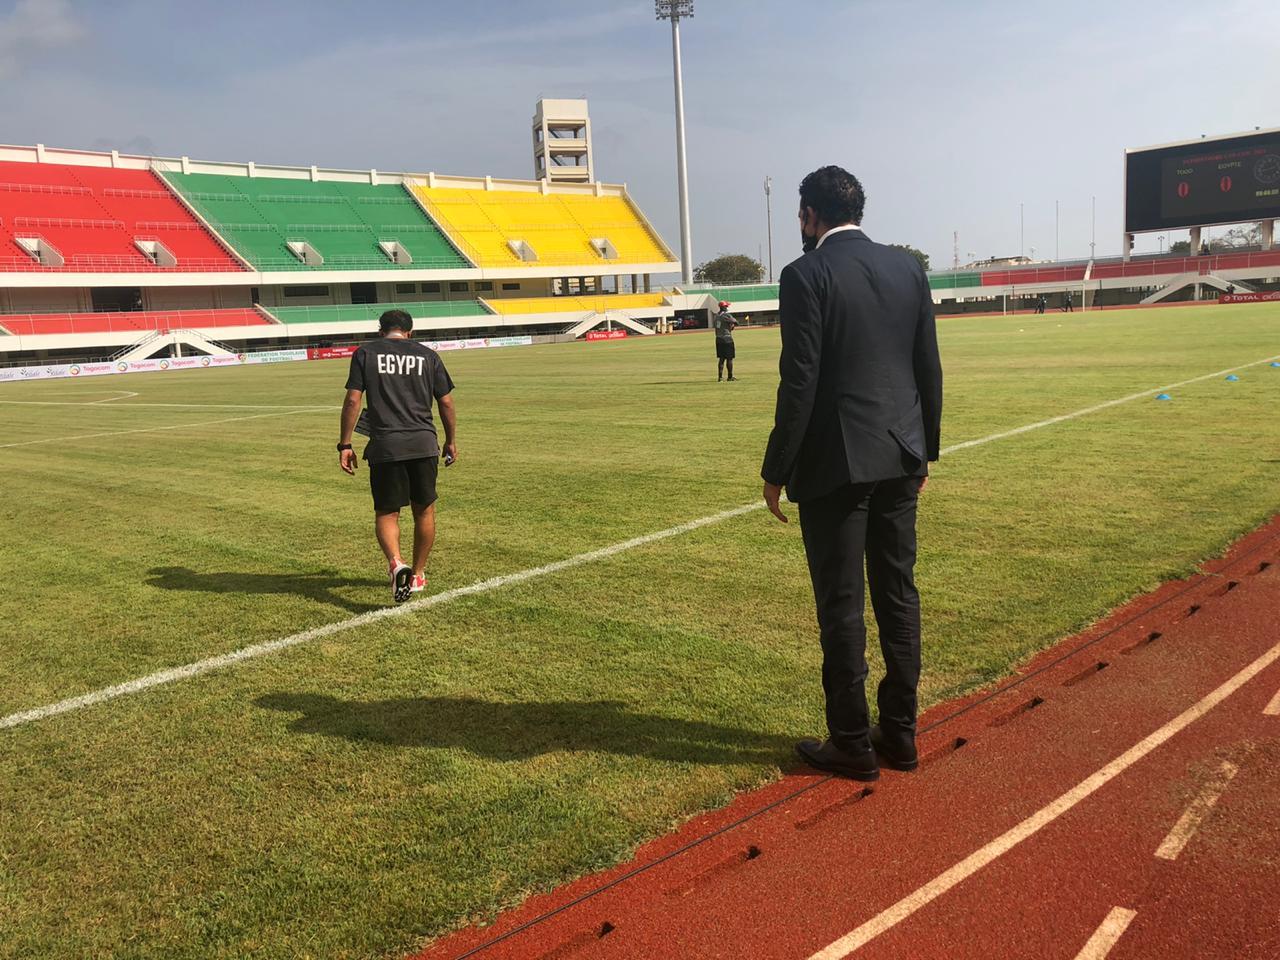 معلب مباراة توجو و مصر (4)